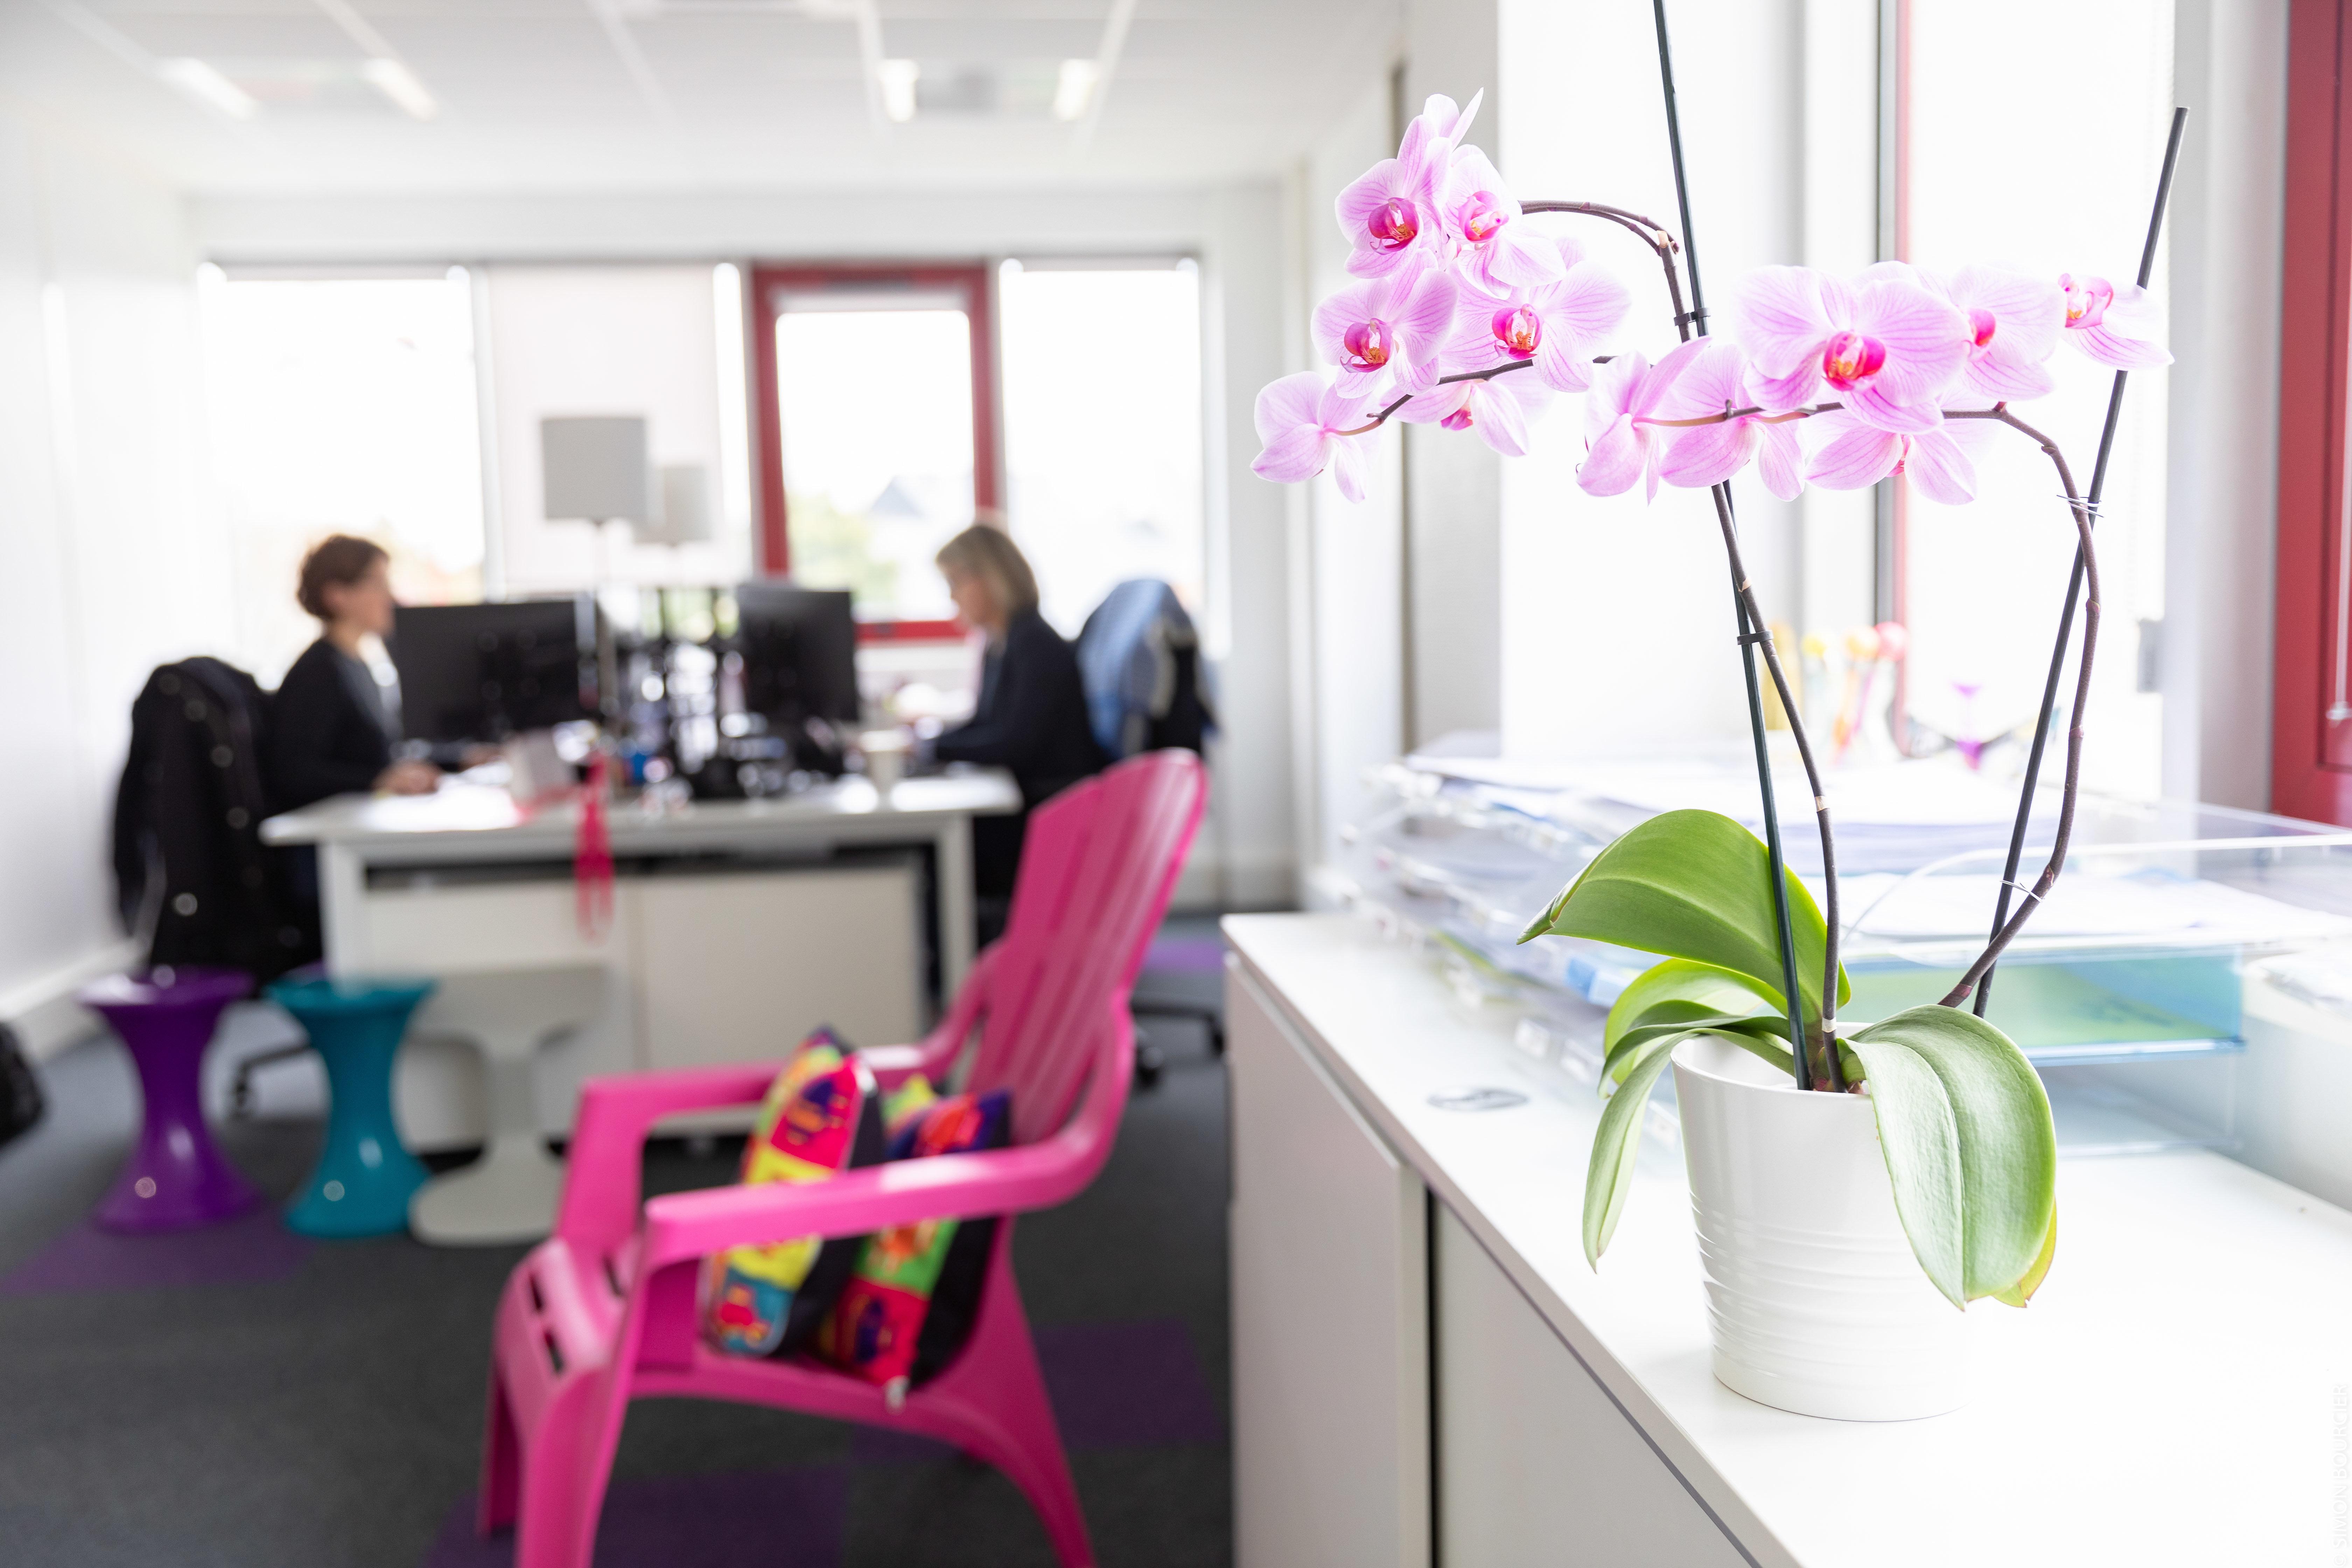 Bureau avec orchidée rose au premier plan et deux personnes qui travaillent en fond